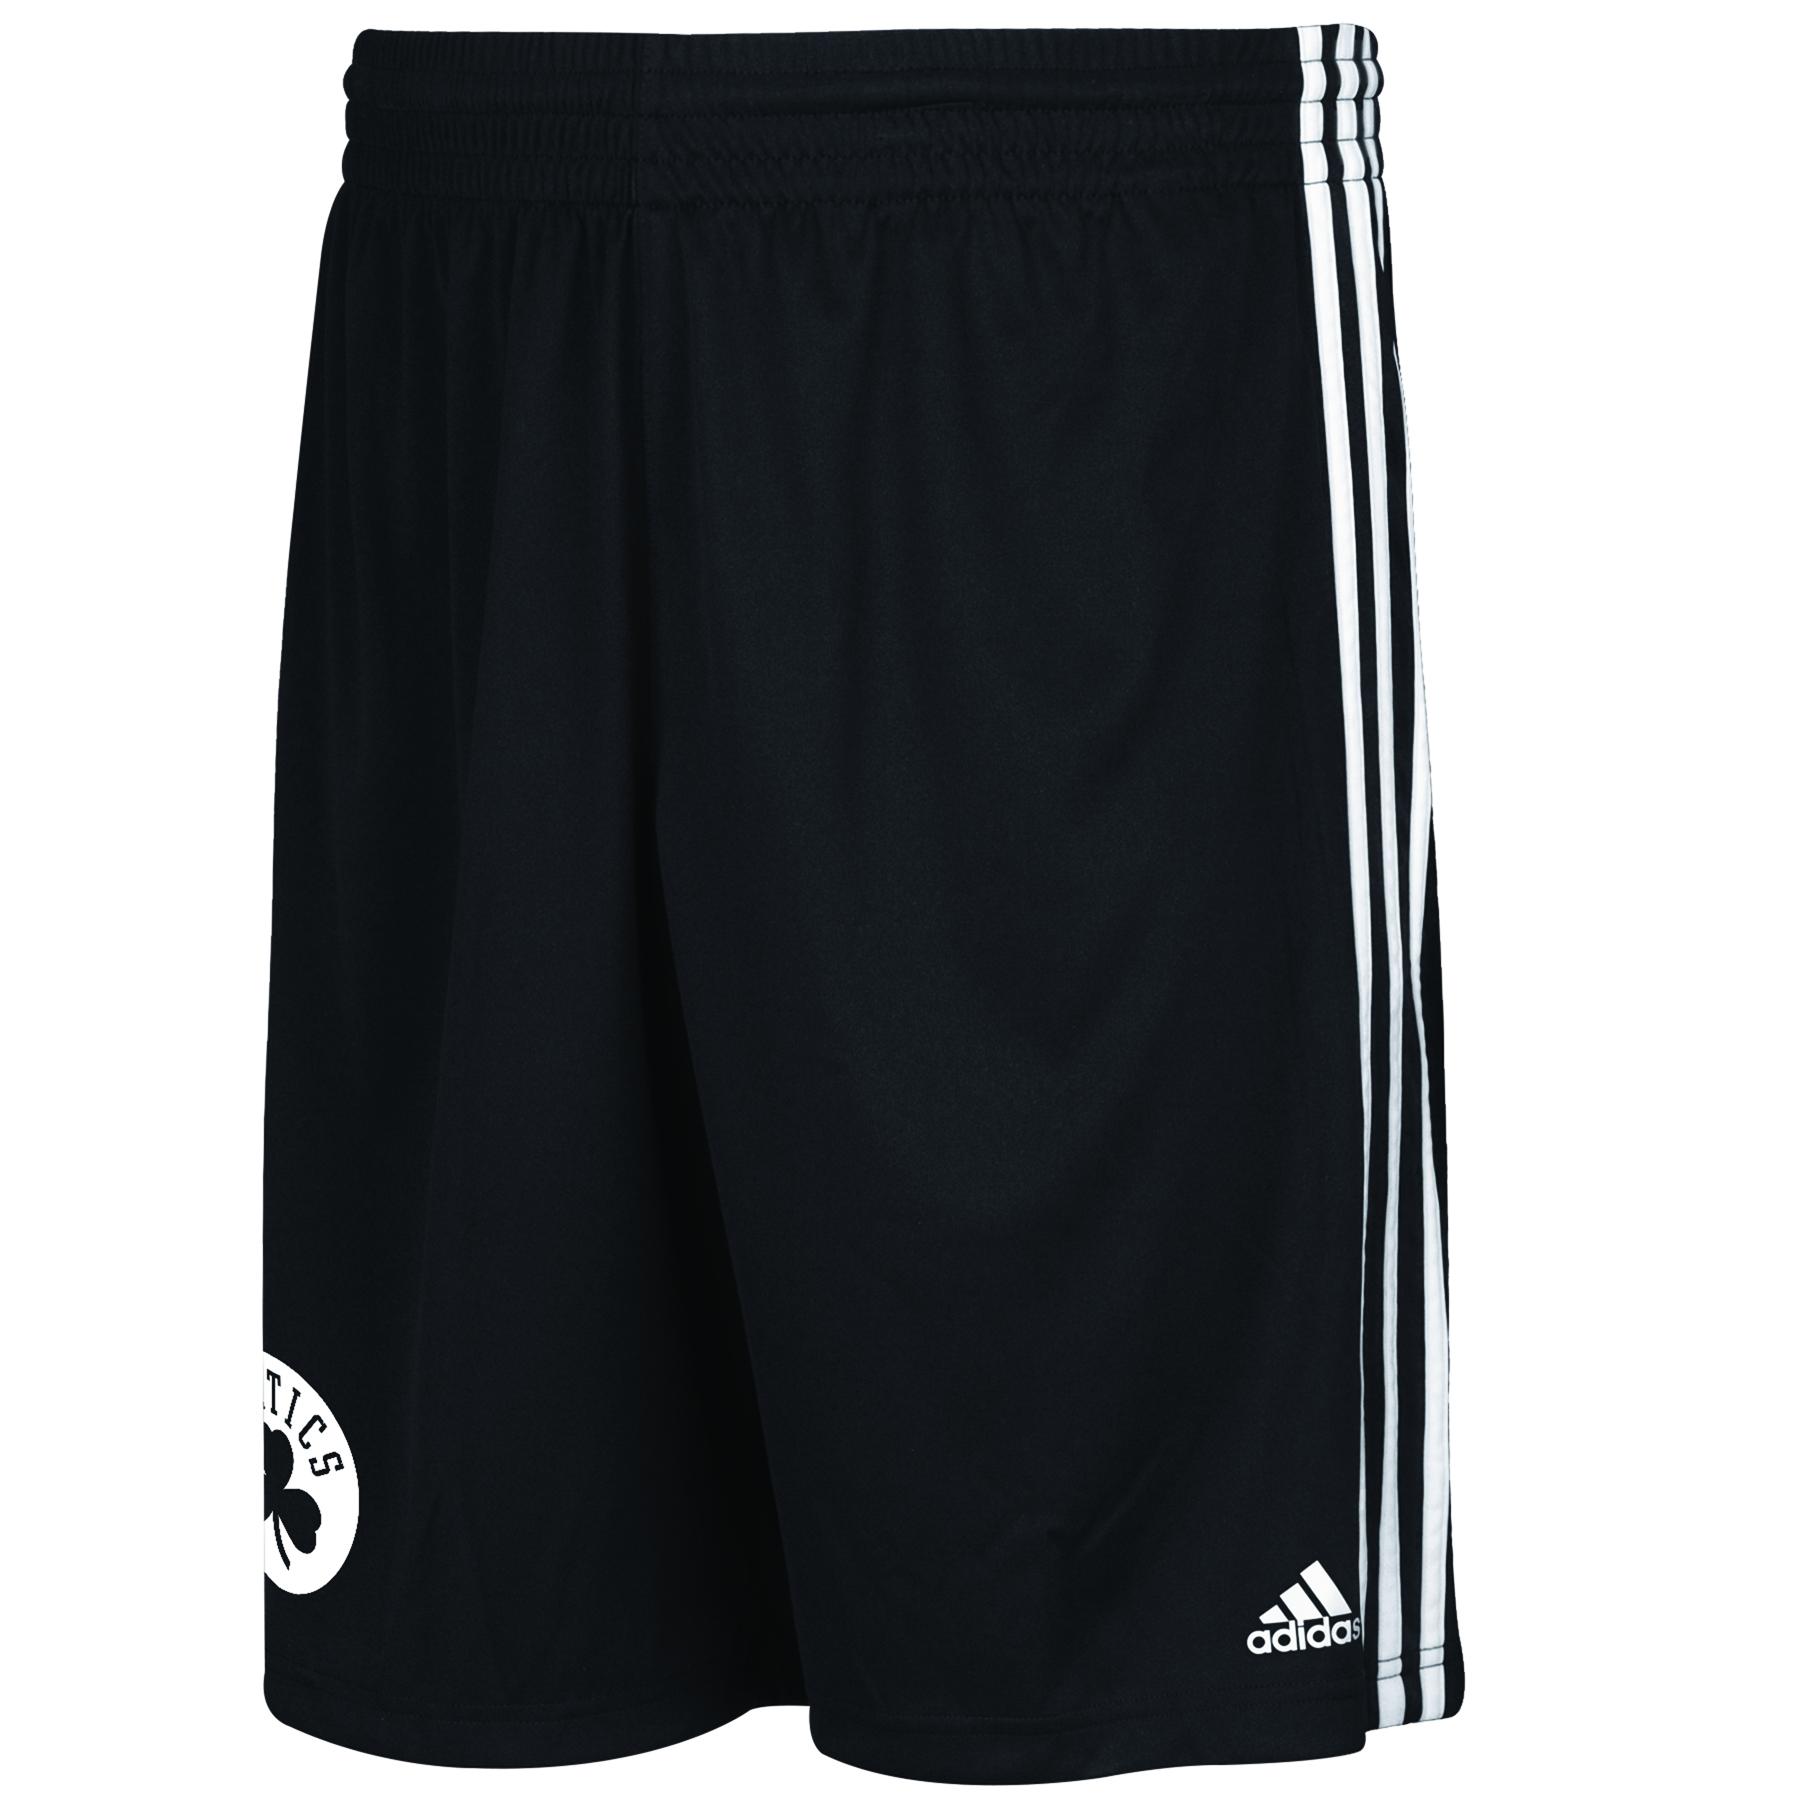 Boston Celtics adidas Logo Short - Mens